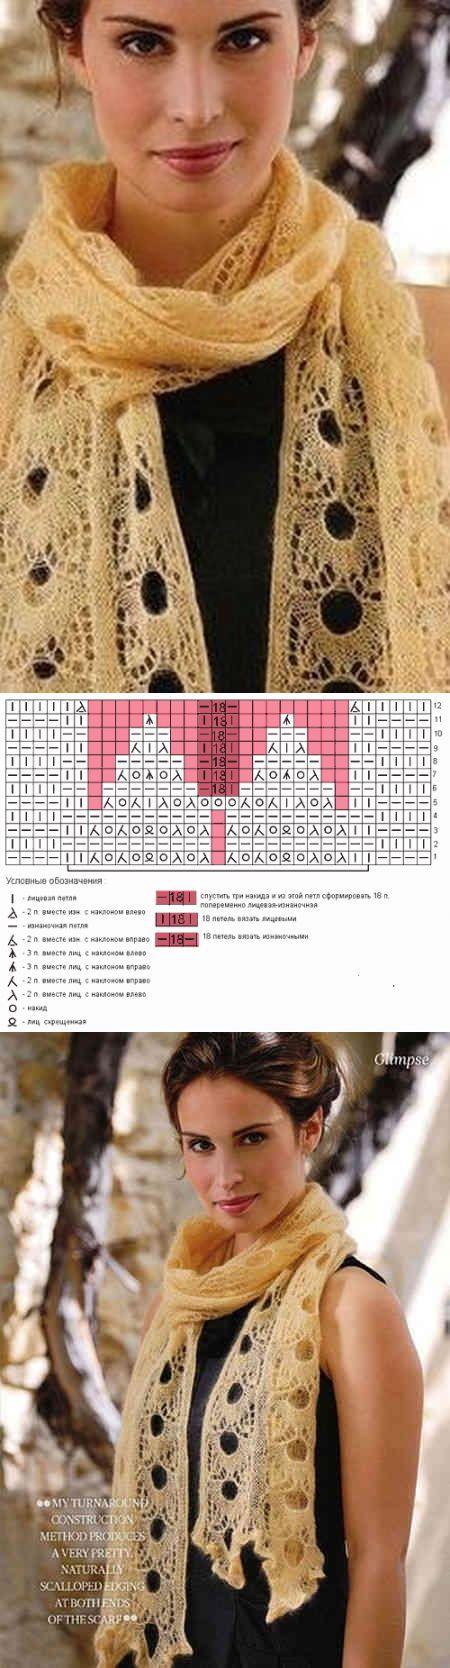 Схема для вязания спицами ажурного шарфа | Ажур